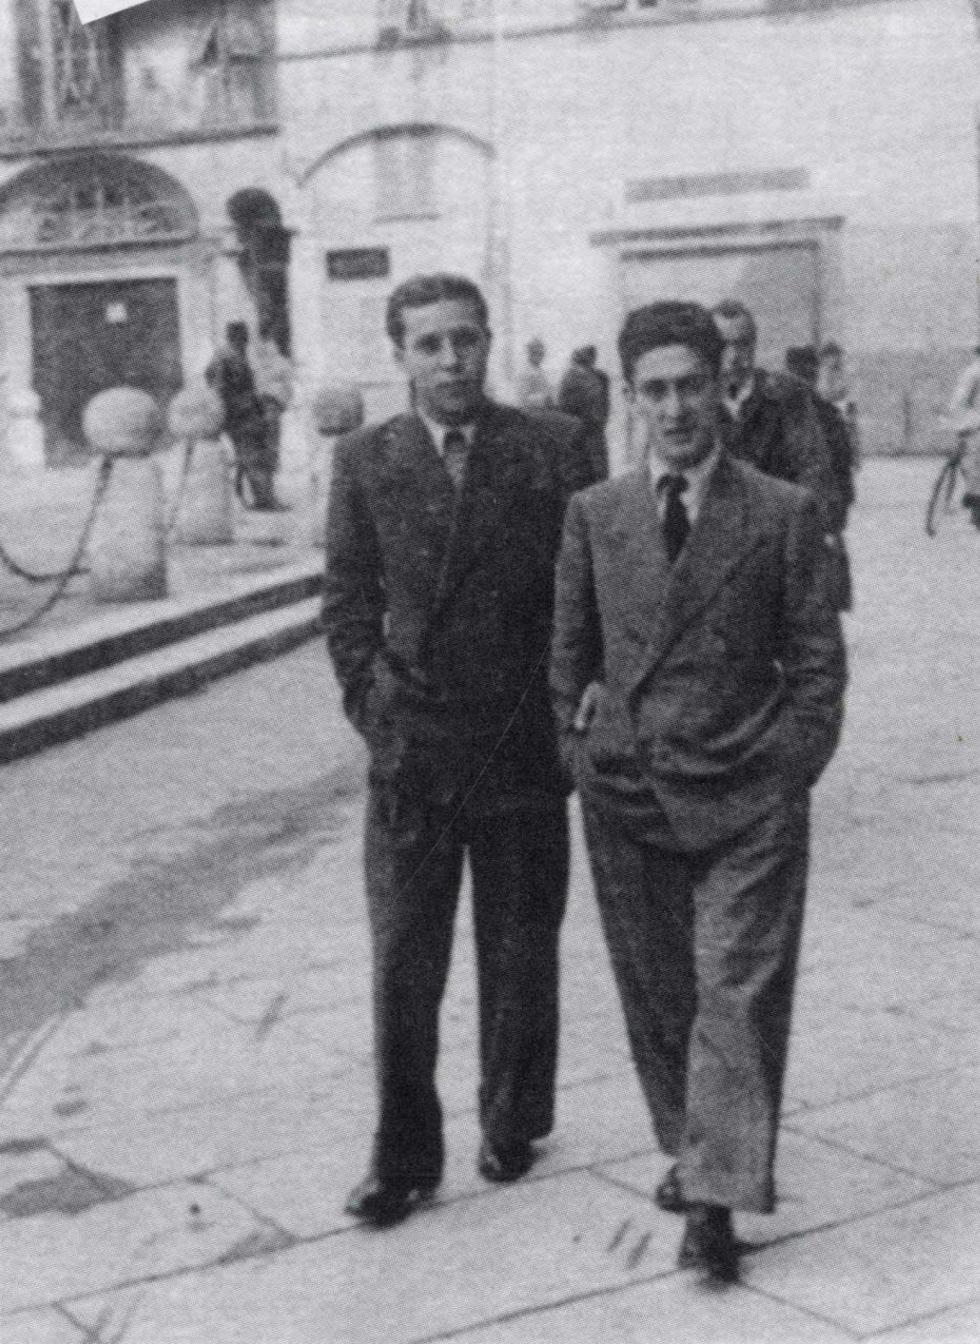 Lucca: Foggi, sulla sinistra, in uno scatto del dopoguerra.